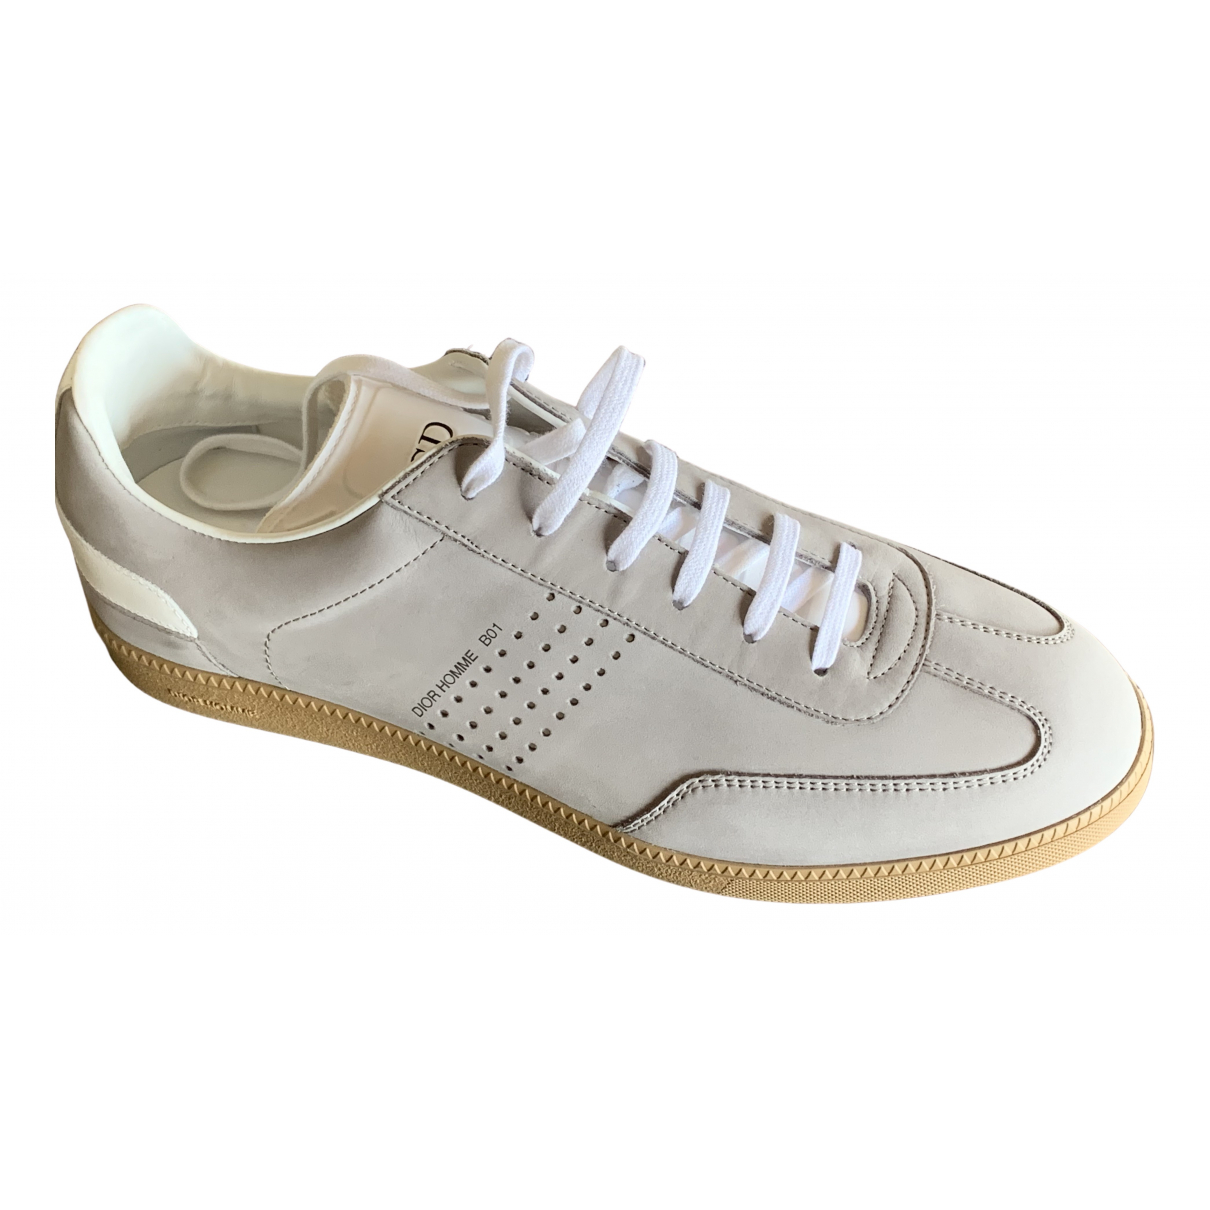 Dior Homme - Baskets B01 pour homme en cuir - gris